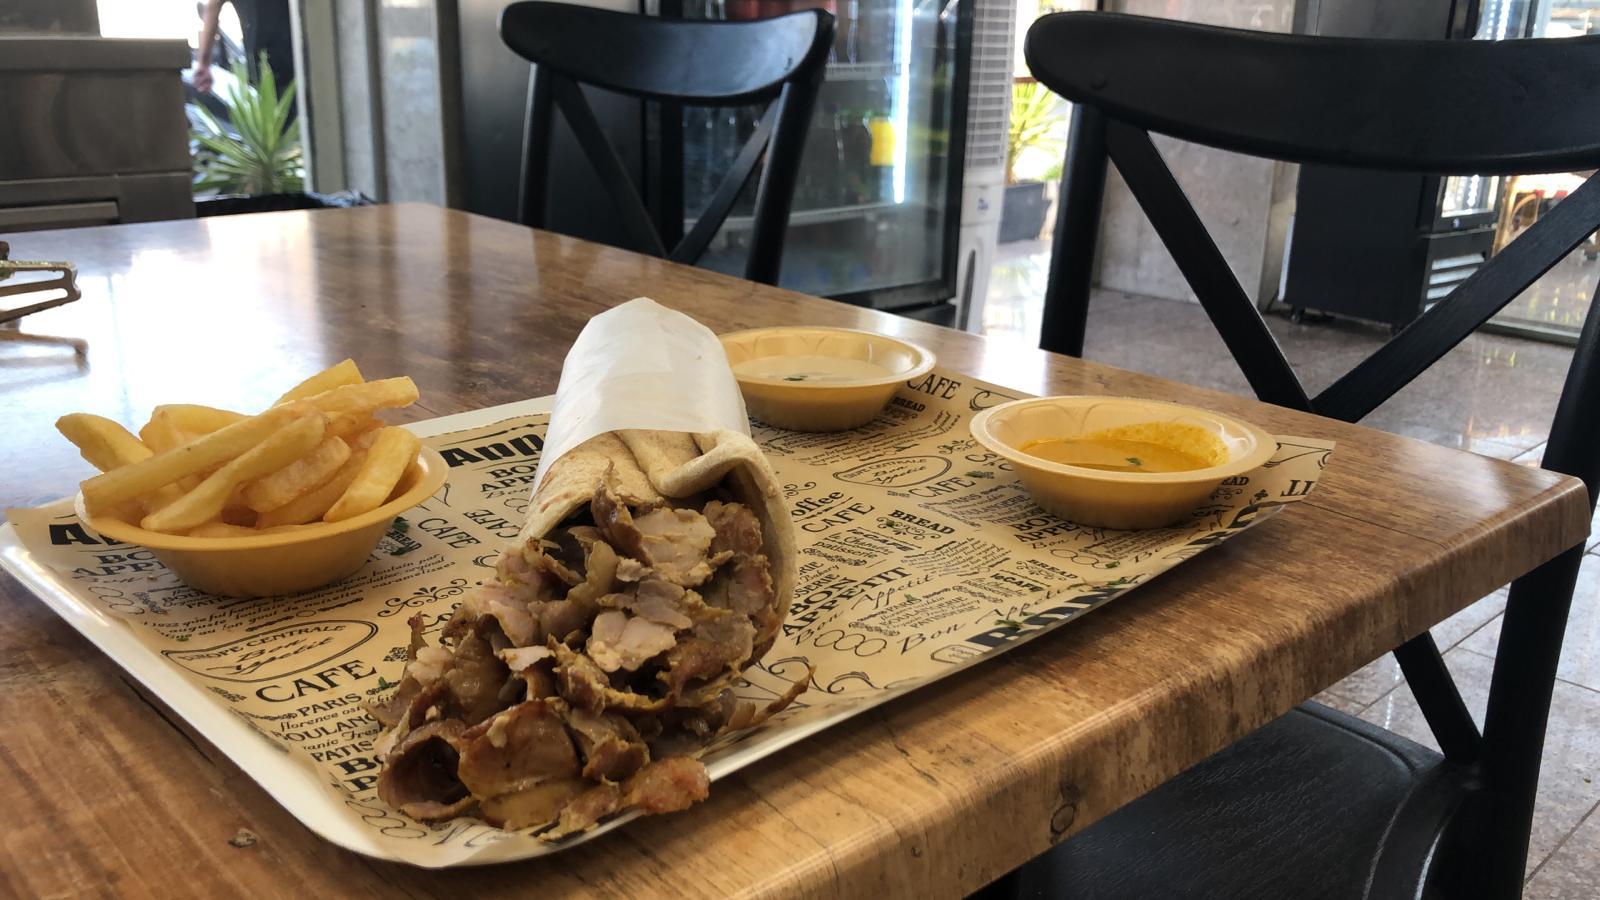 جديد بالي باجيت - الشاورما الأشهى في يافا مع خدمة التوصيل إلى البيوت